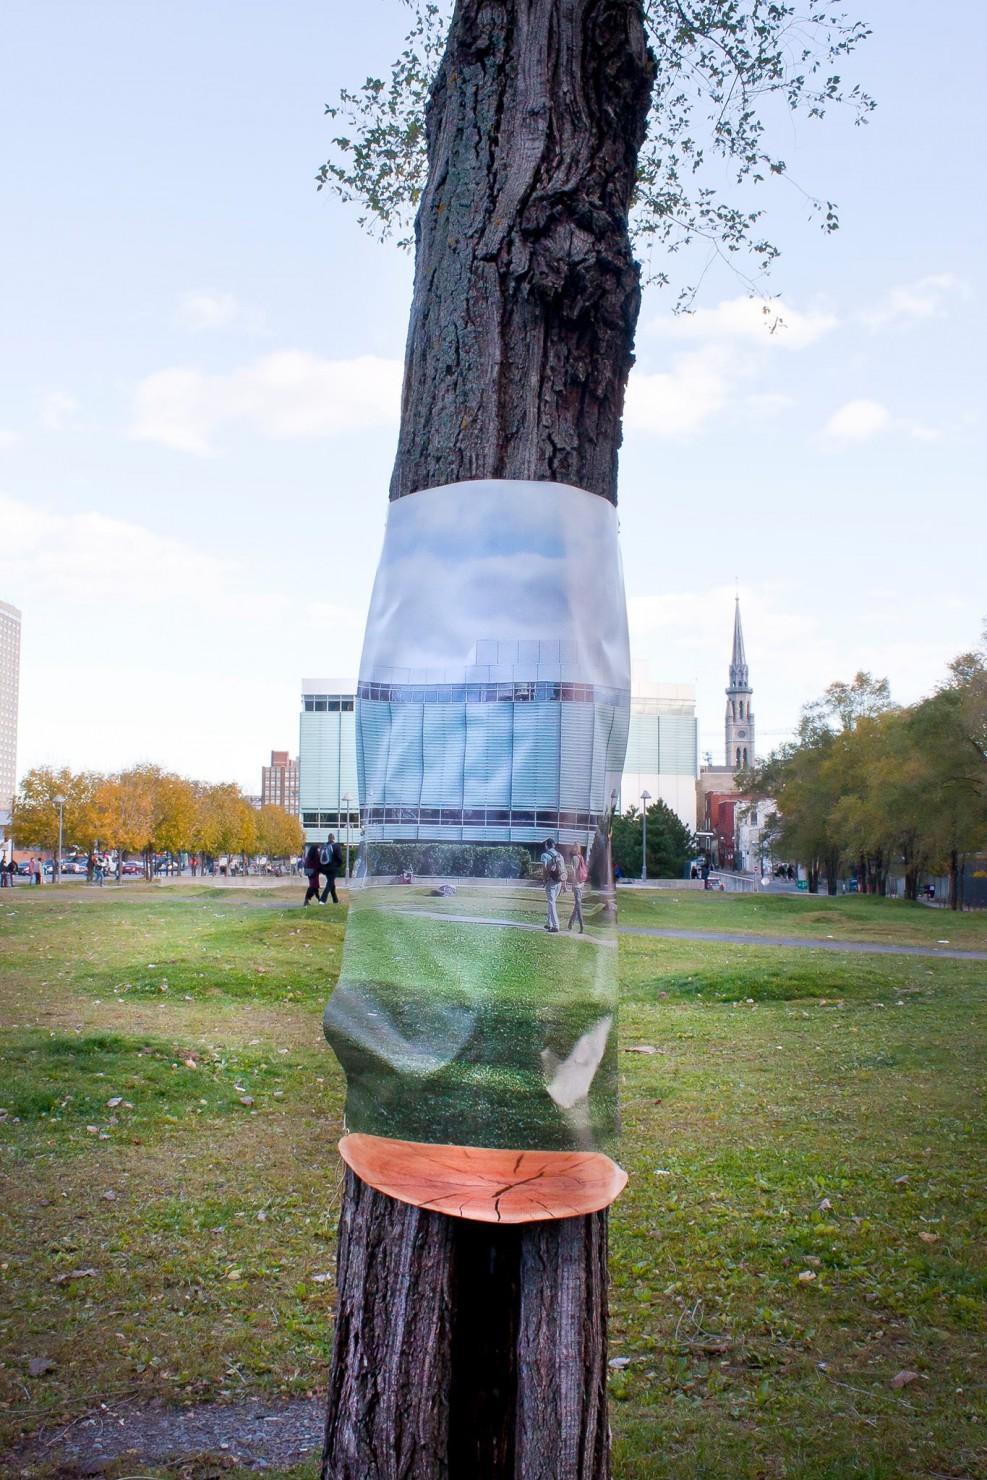 浮いてる…だと…?木を重力から解き放つ幻想的な透明アート